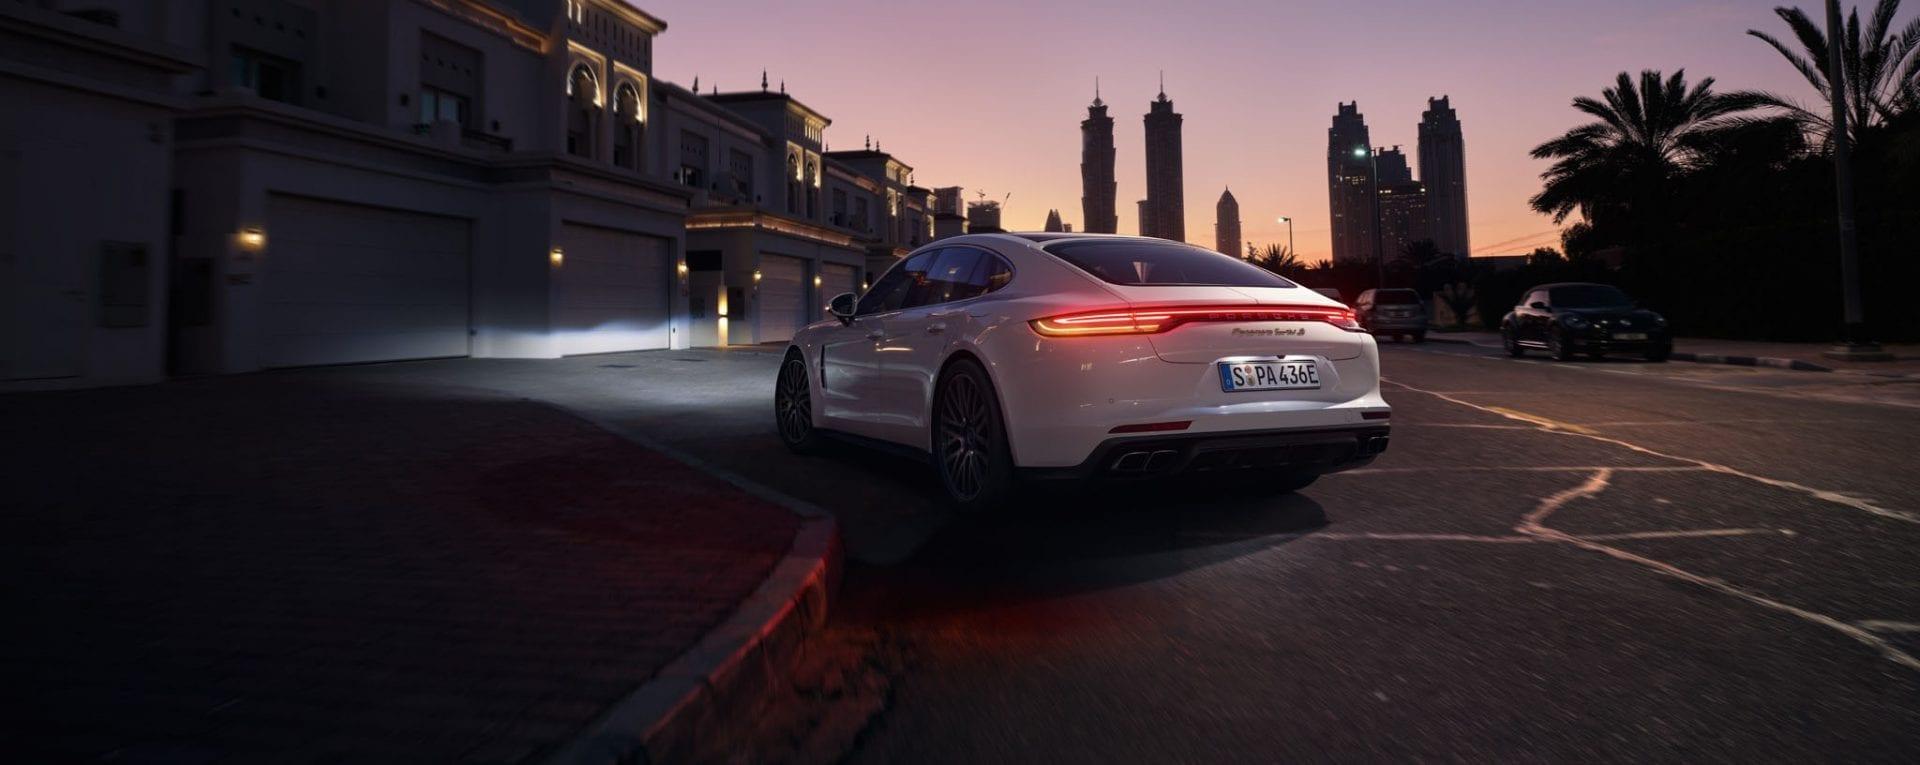 Porsche Panamera auringonlaskun aikaan kaupunkiympäristössä.